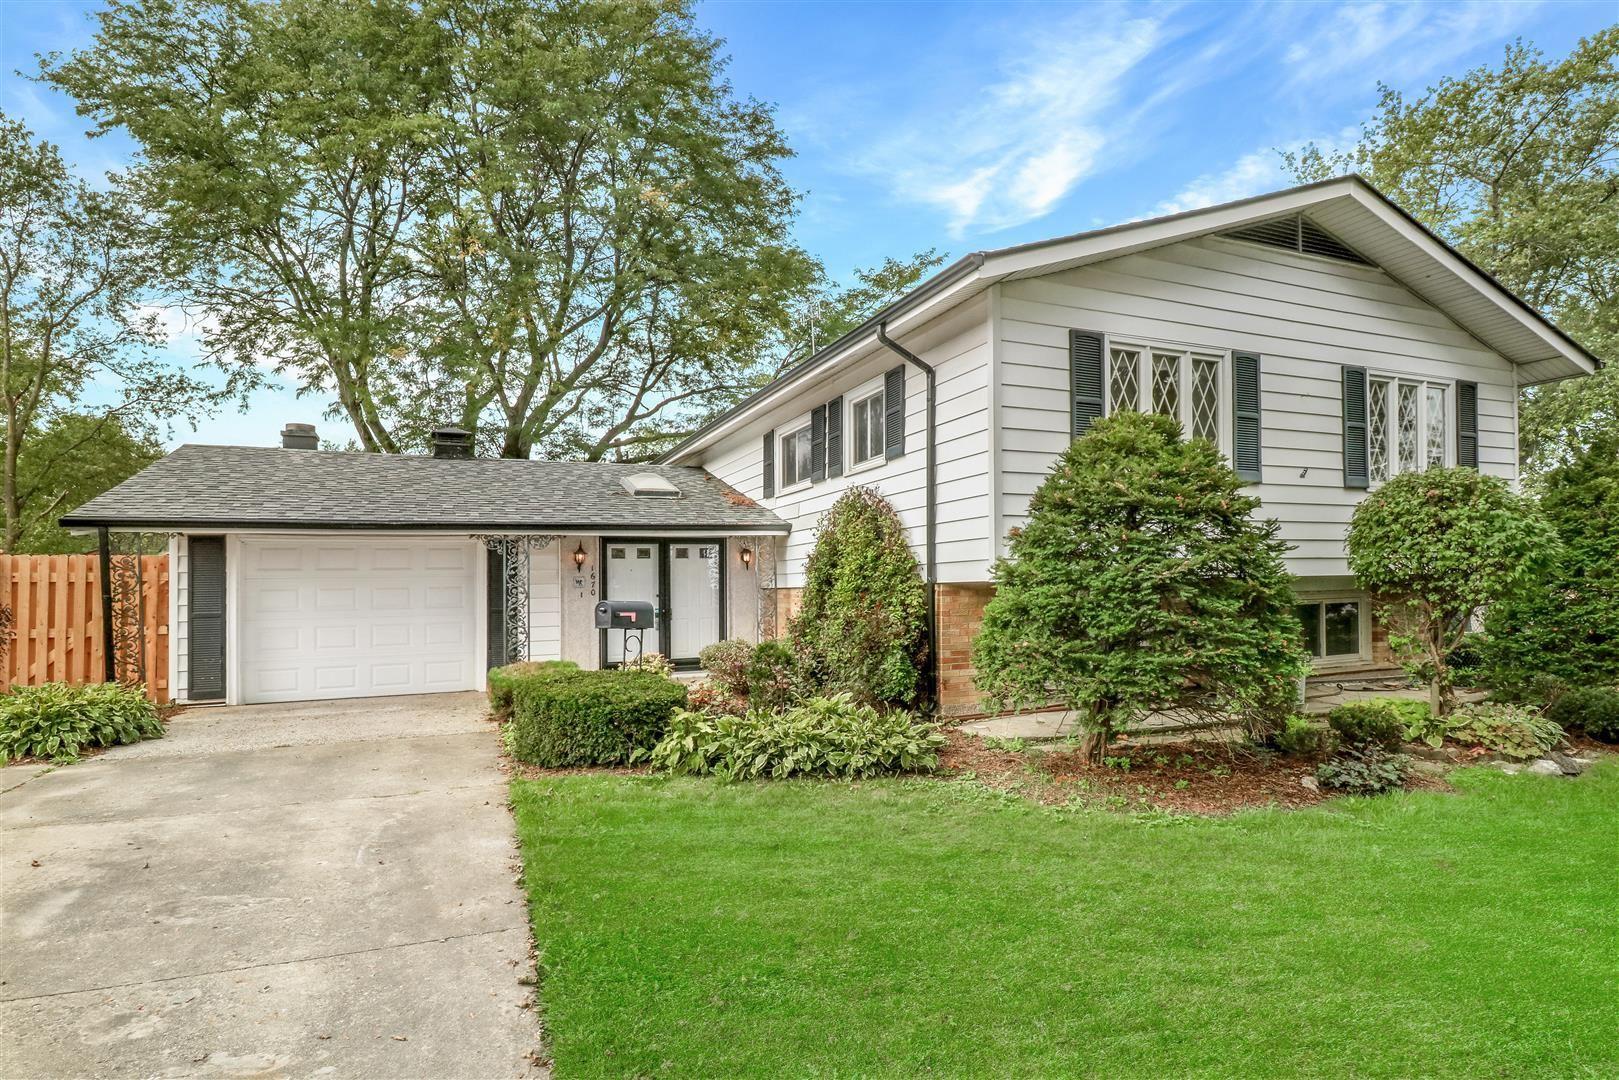 1670 Hartford Court, Hoffman Estates, IL 60169 - #: 10891645